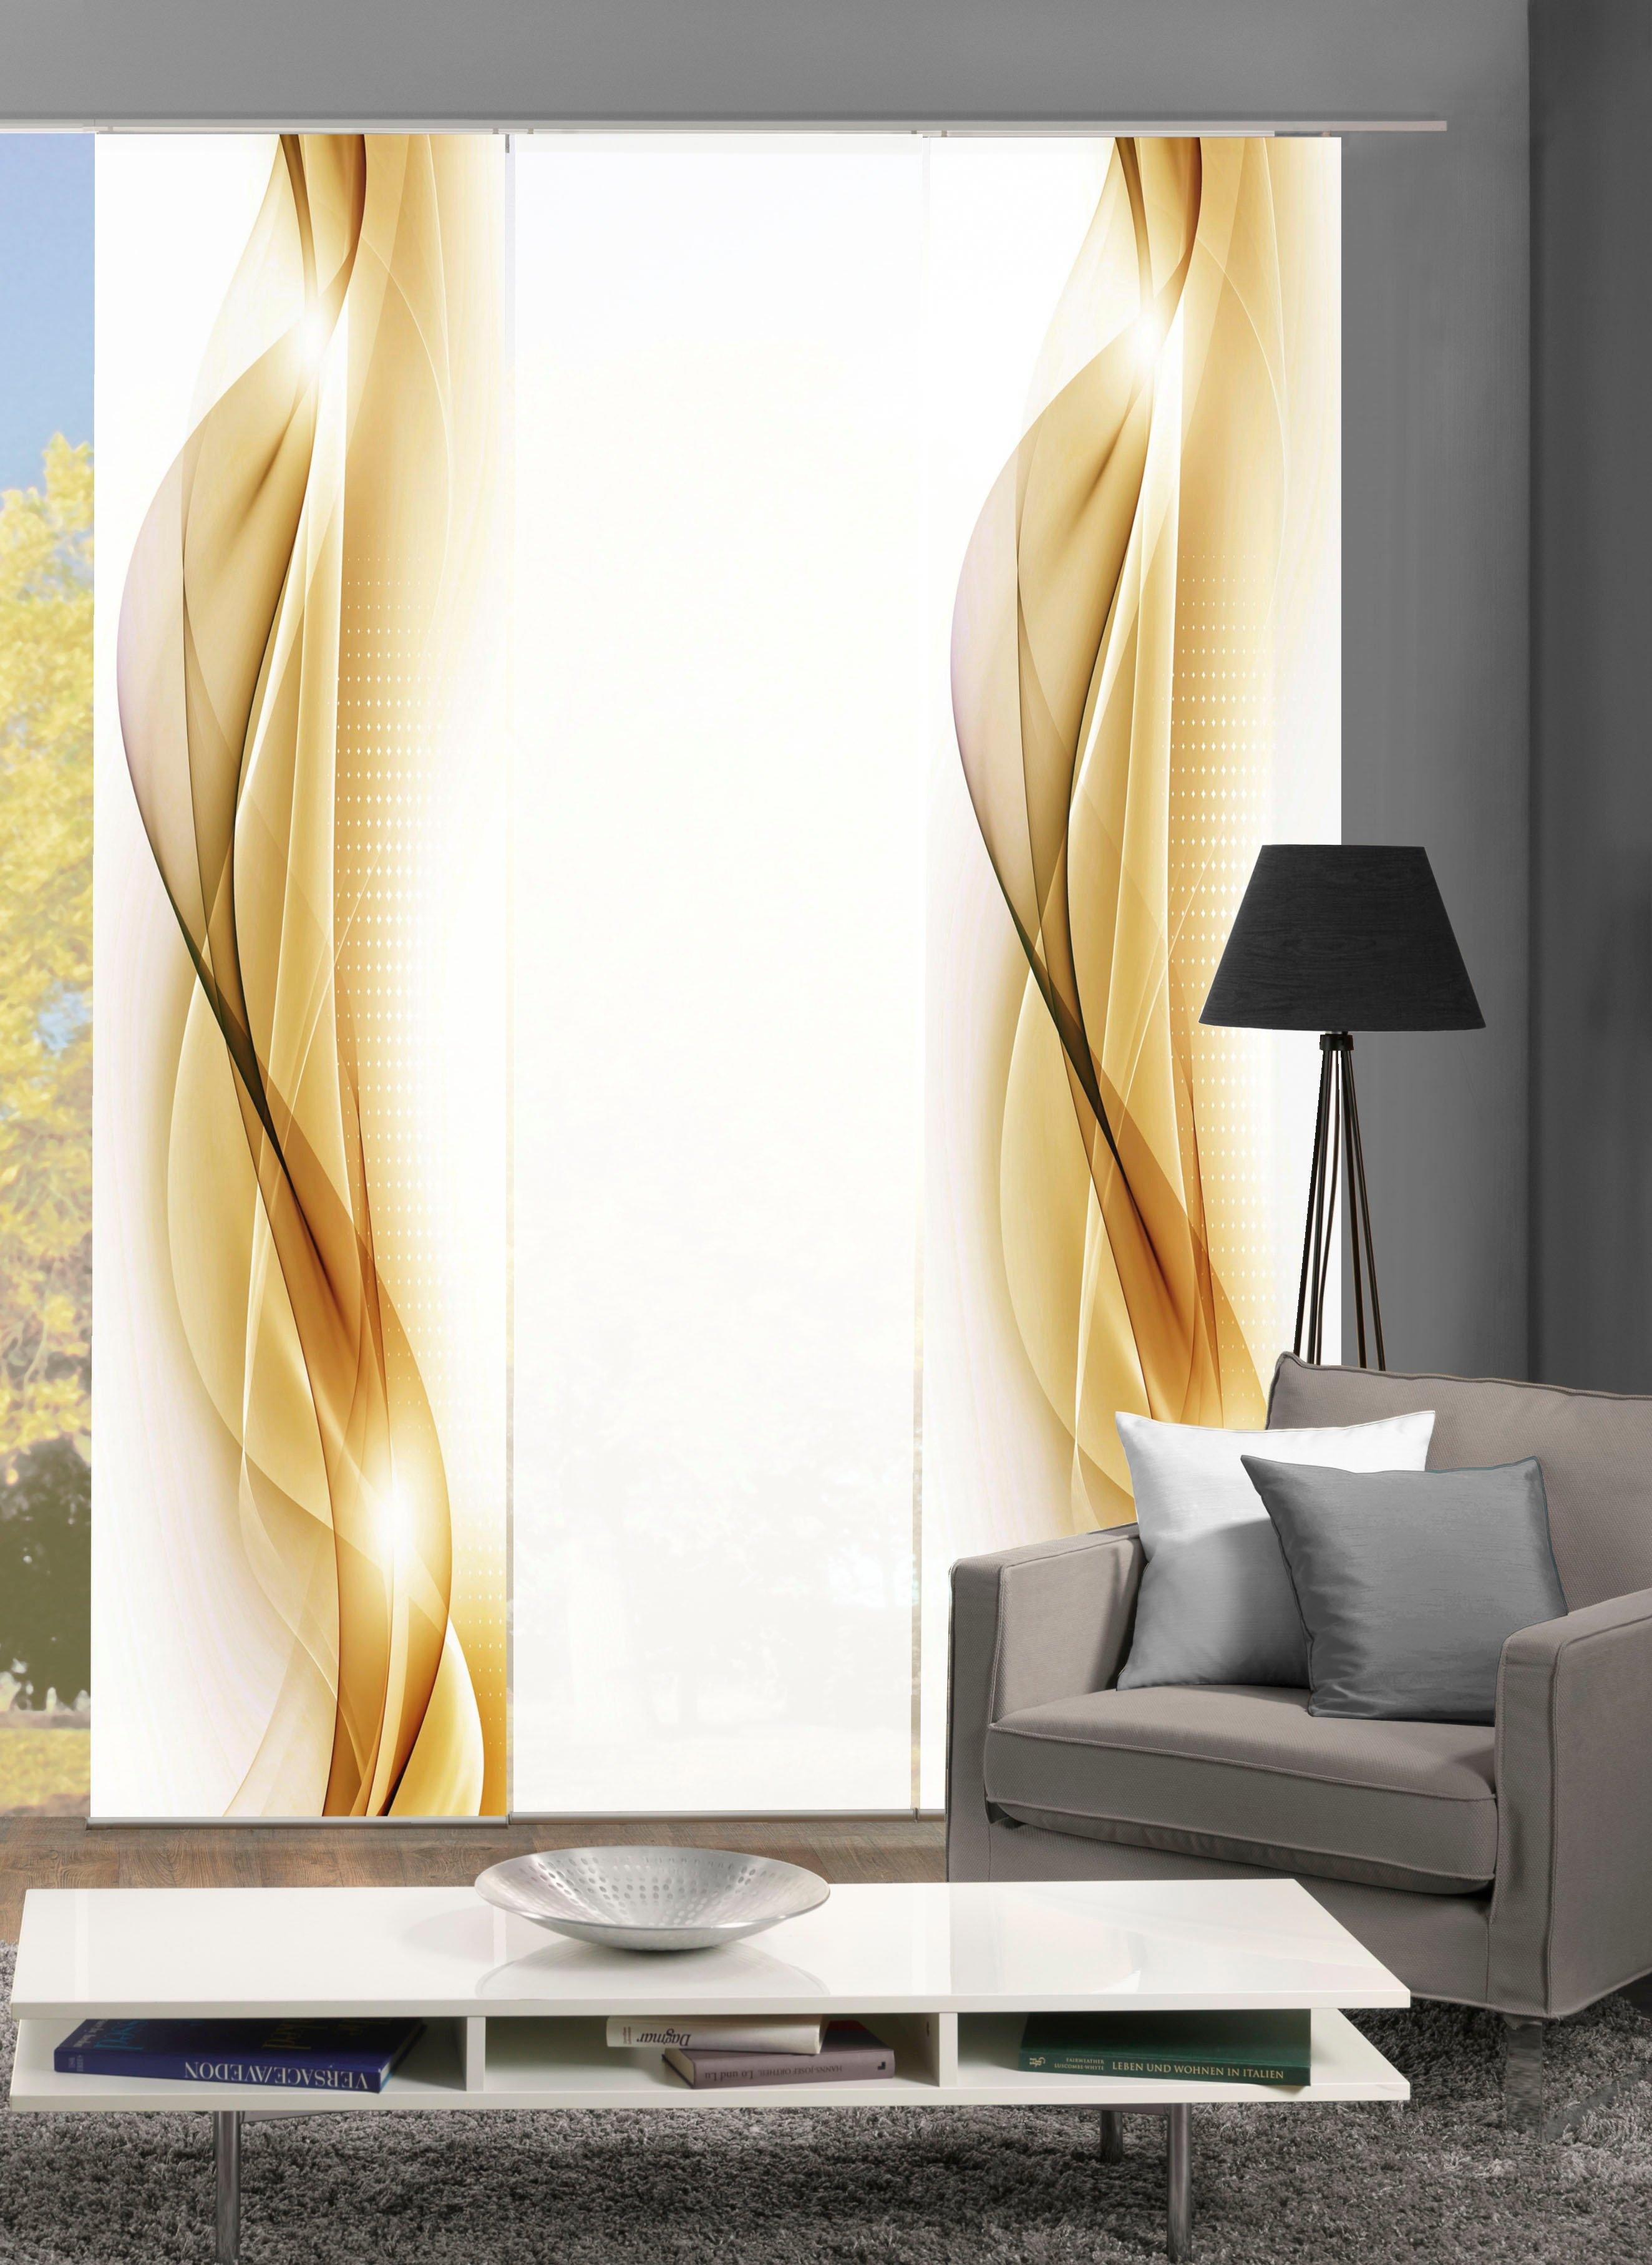 HOME WOHNIDEEN paneelgordijn NEBLANA set van 3 Gordijnstof in zijde-look, digitaal bedrukt (3 stuks) bij OTTO online kopen